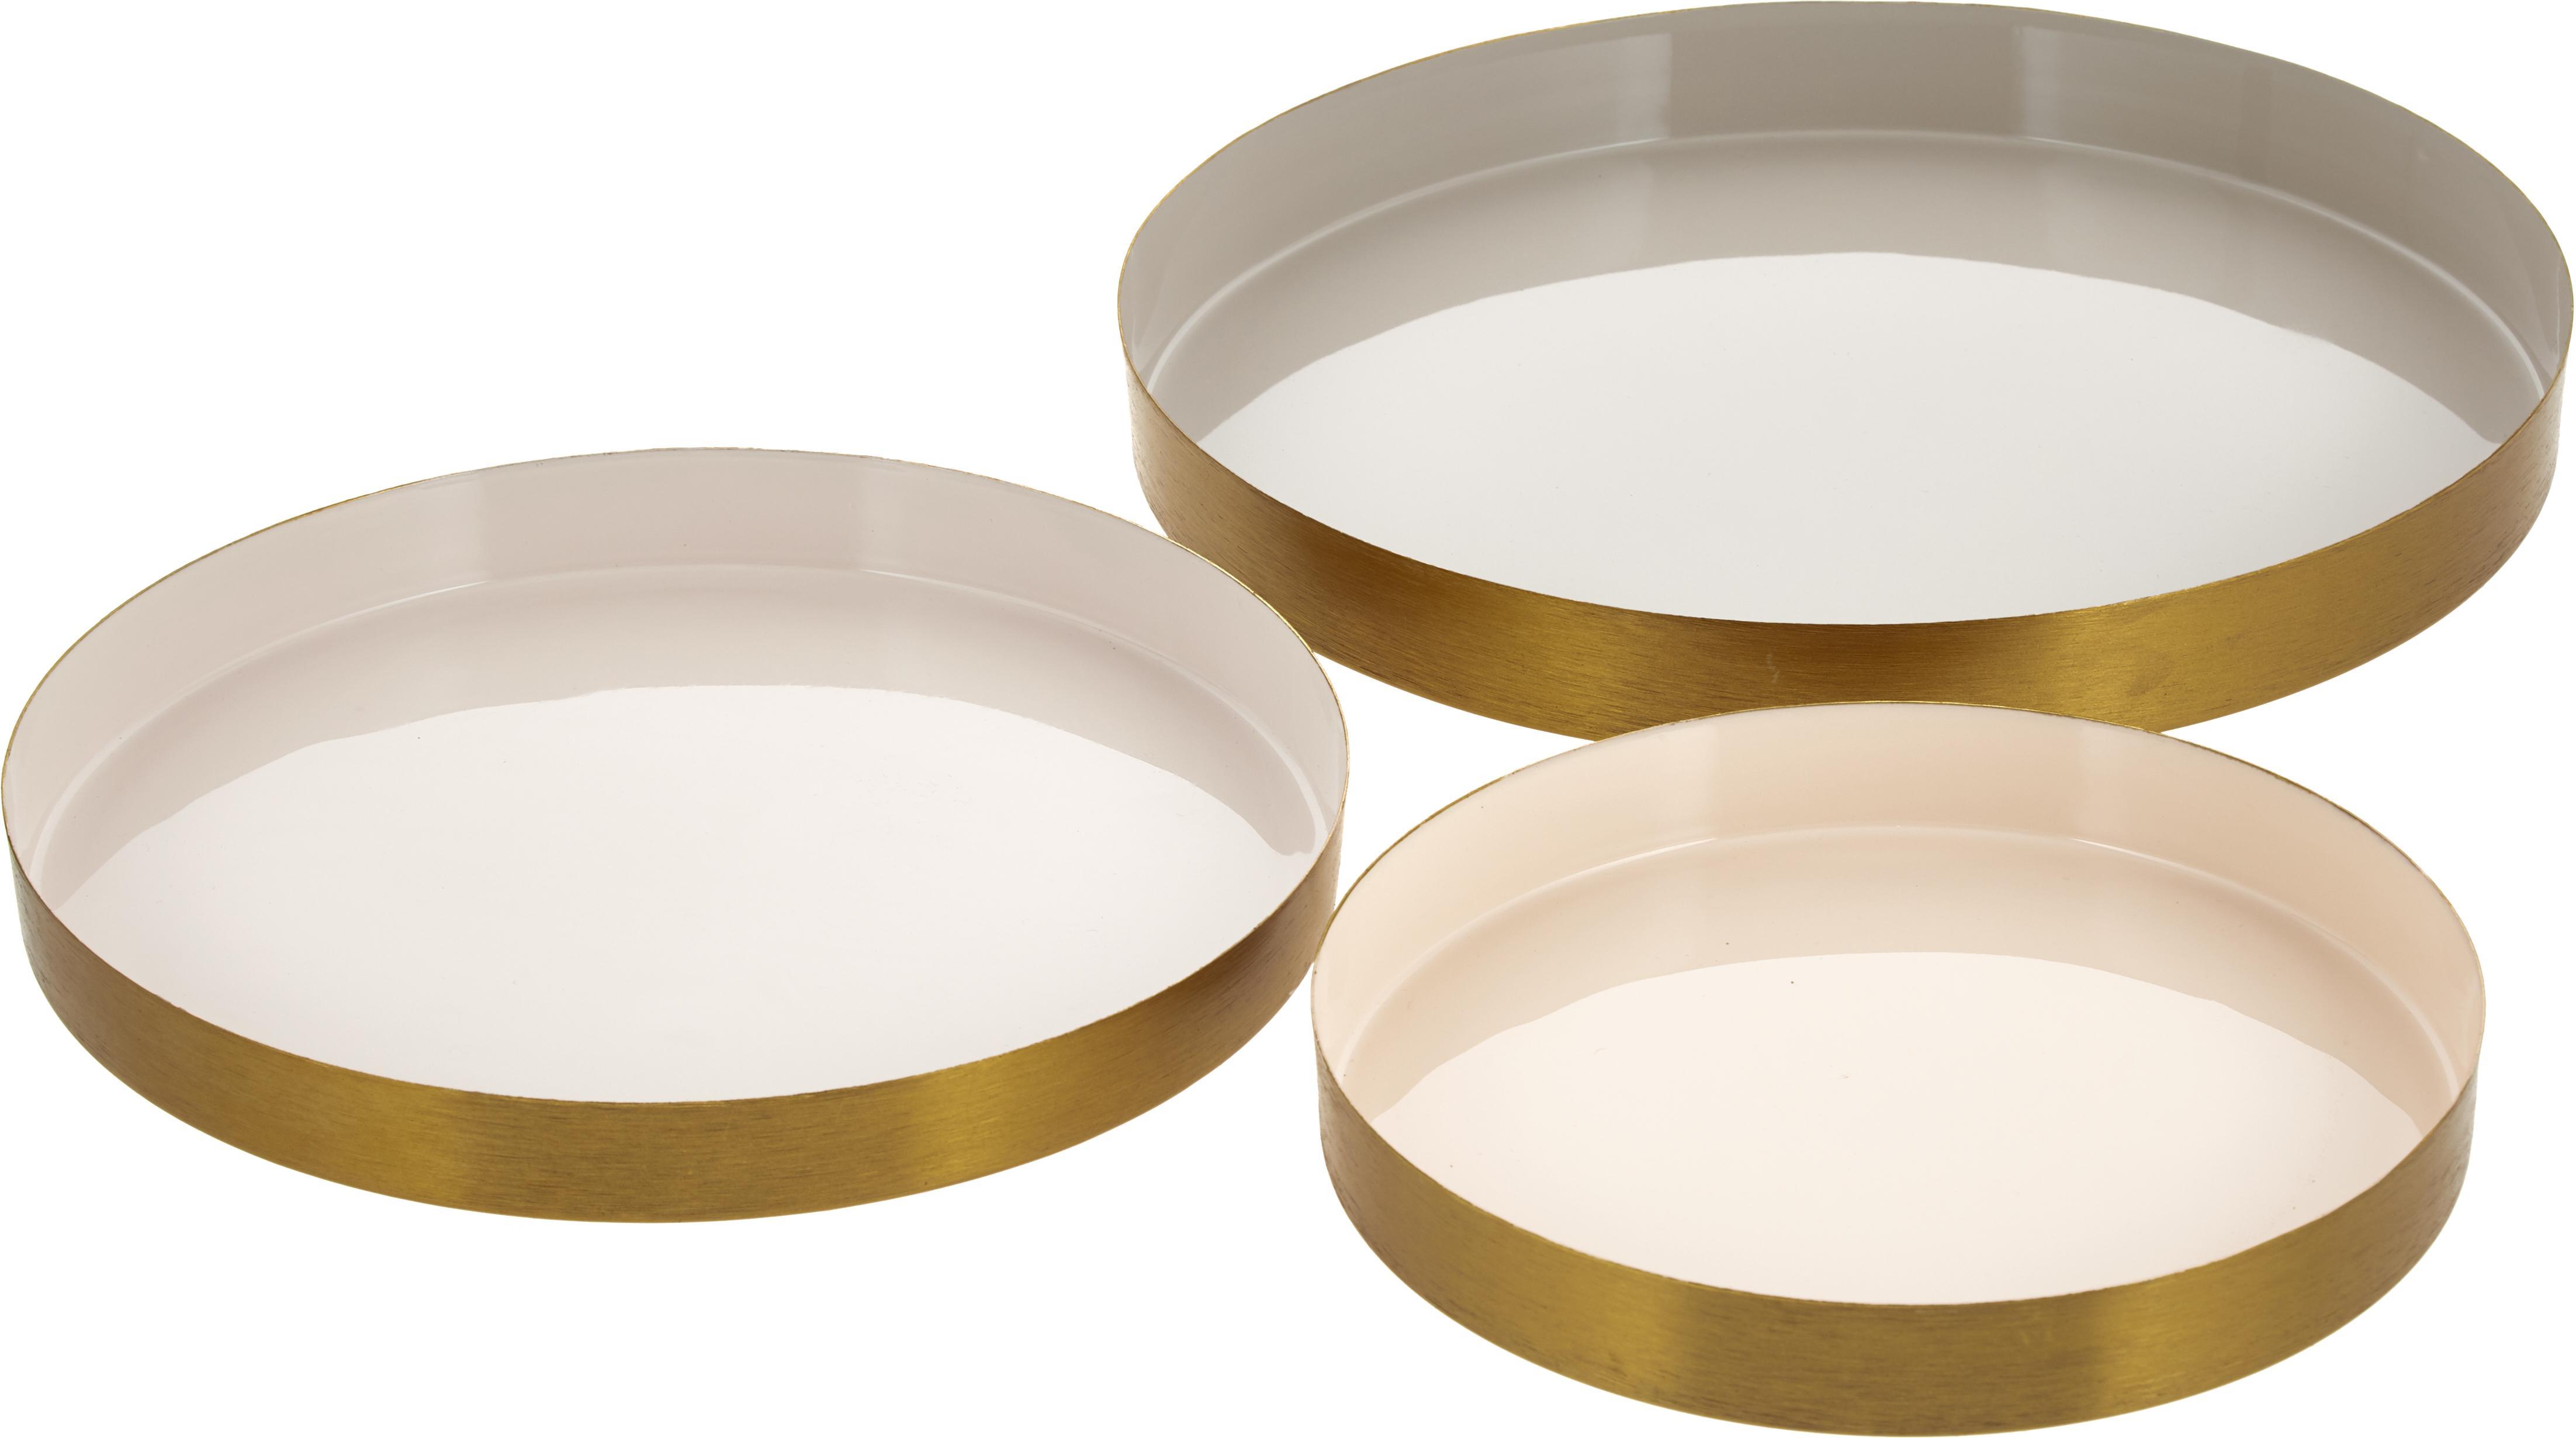 Set de bandejas decorativas Ayra, 3pzas., Metal, pintado, Gris, beige, blanco Exterior: dorado, Set de diferentes tamaños